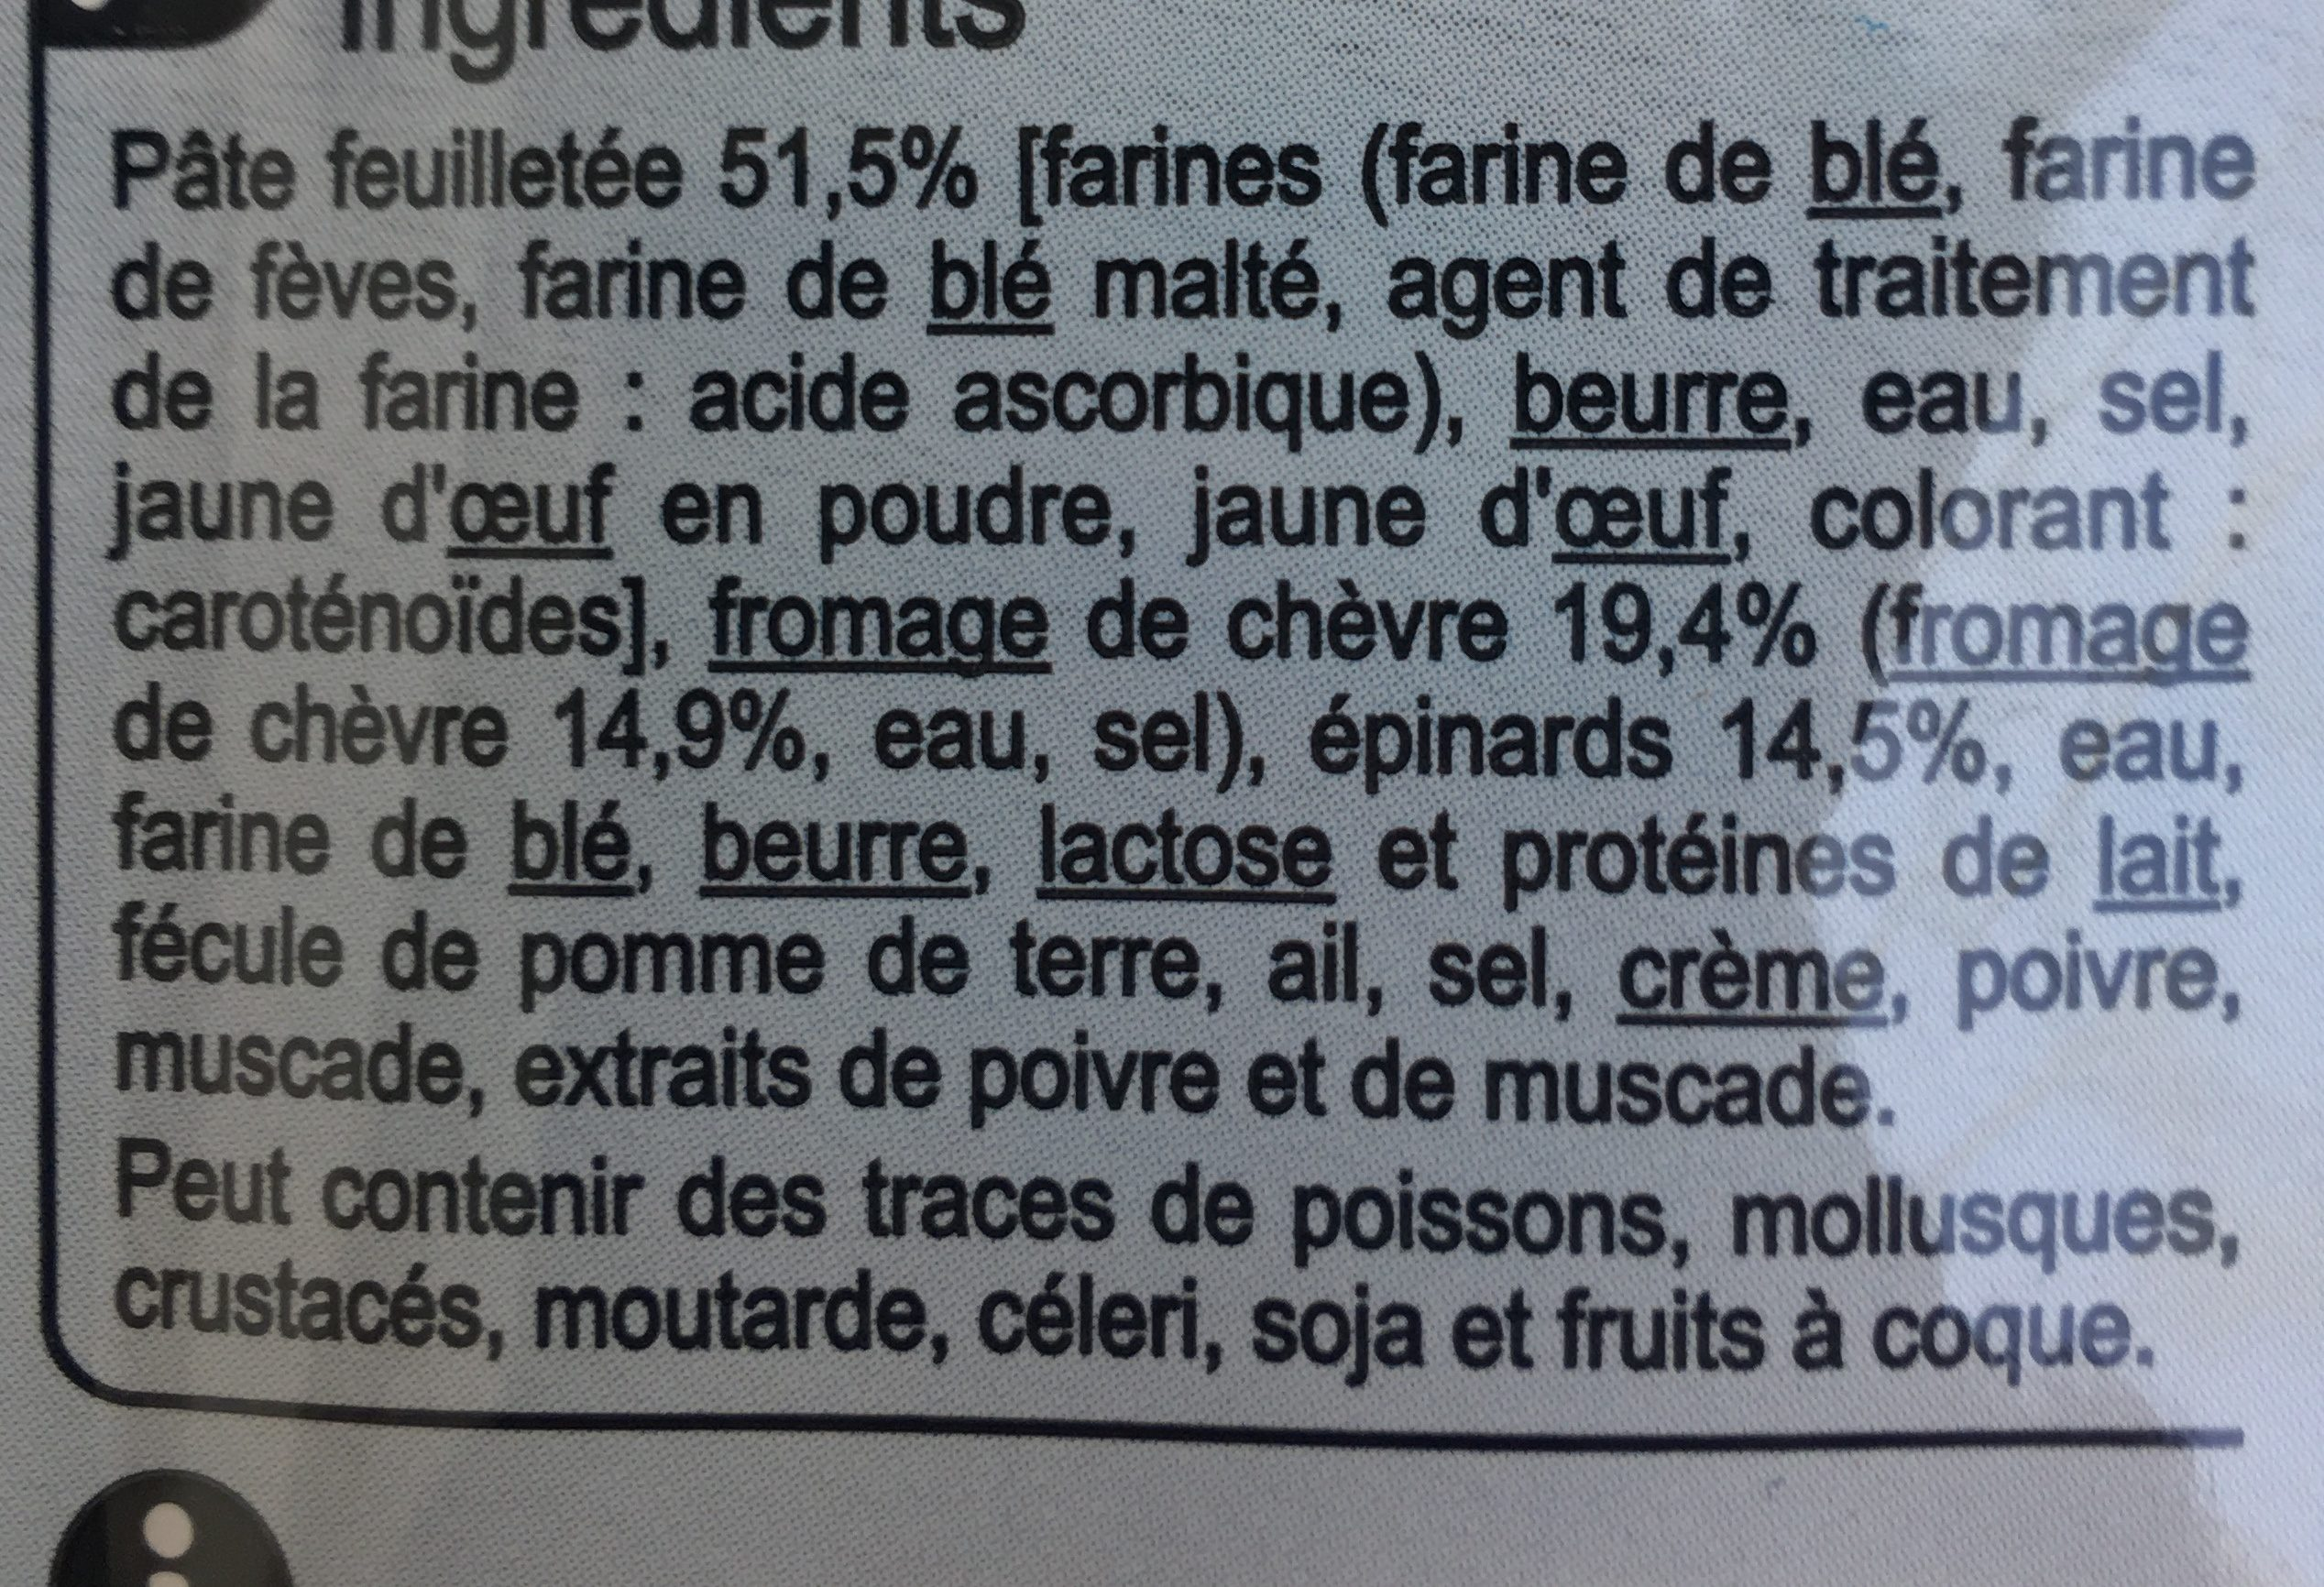 Feuilletés Chèvre Epinards - Ingrédients - fr